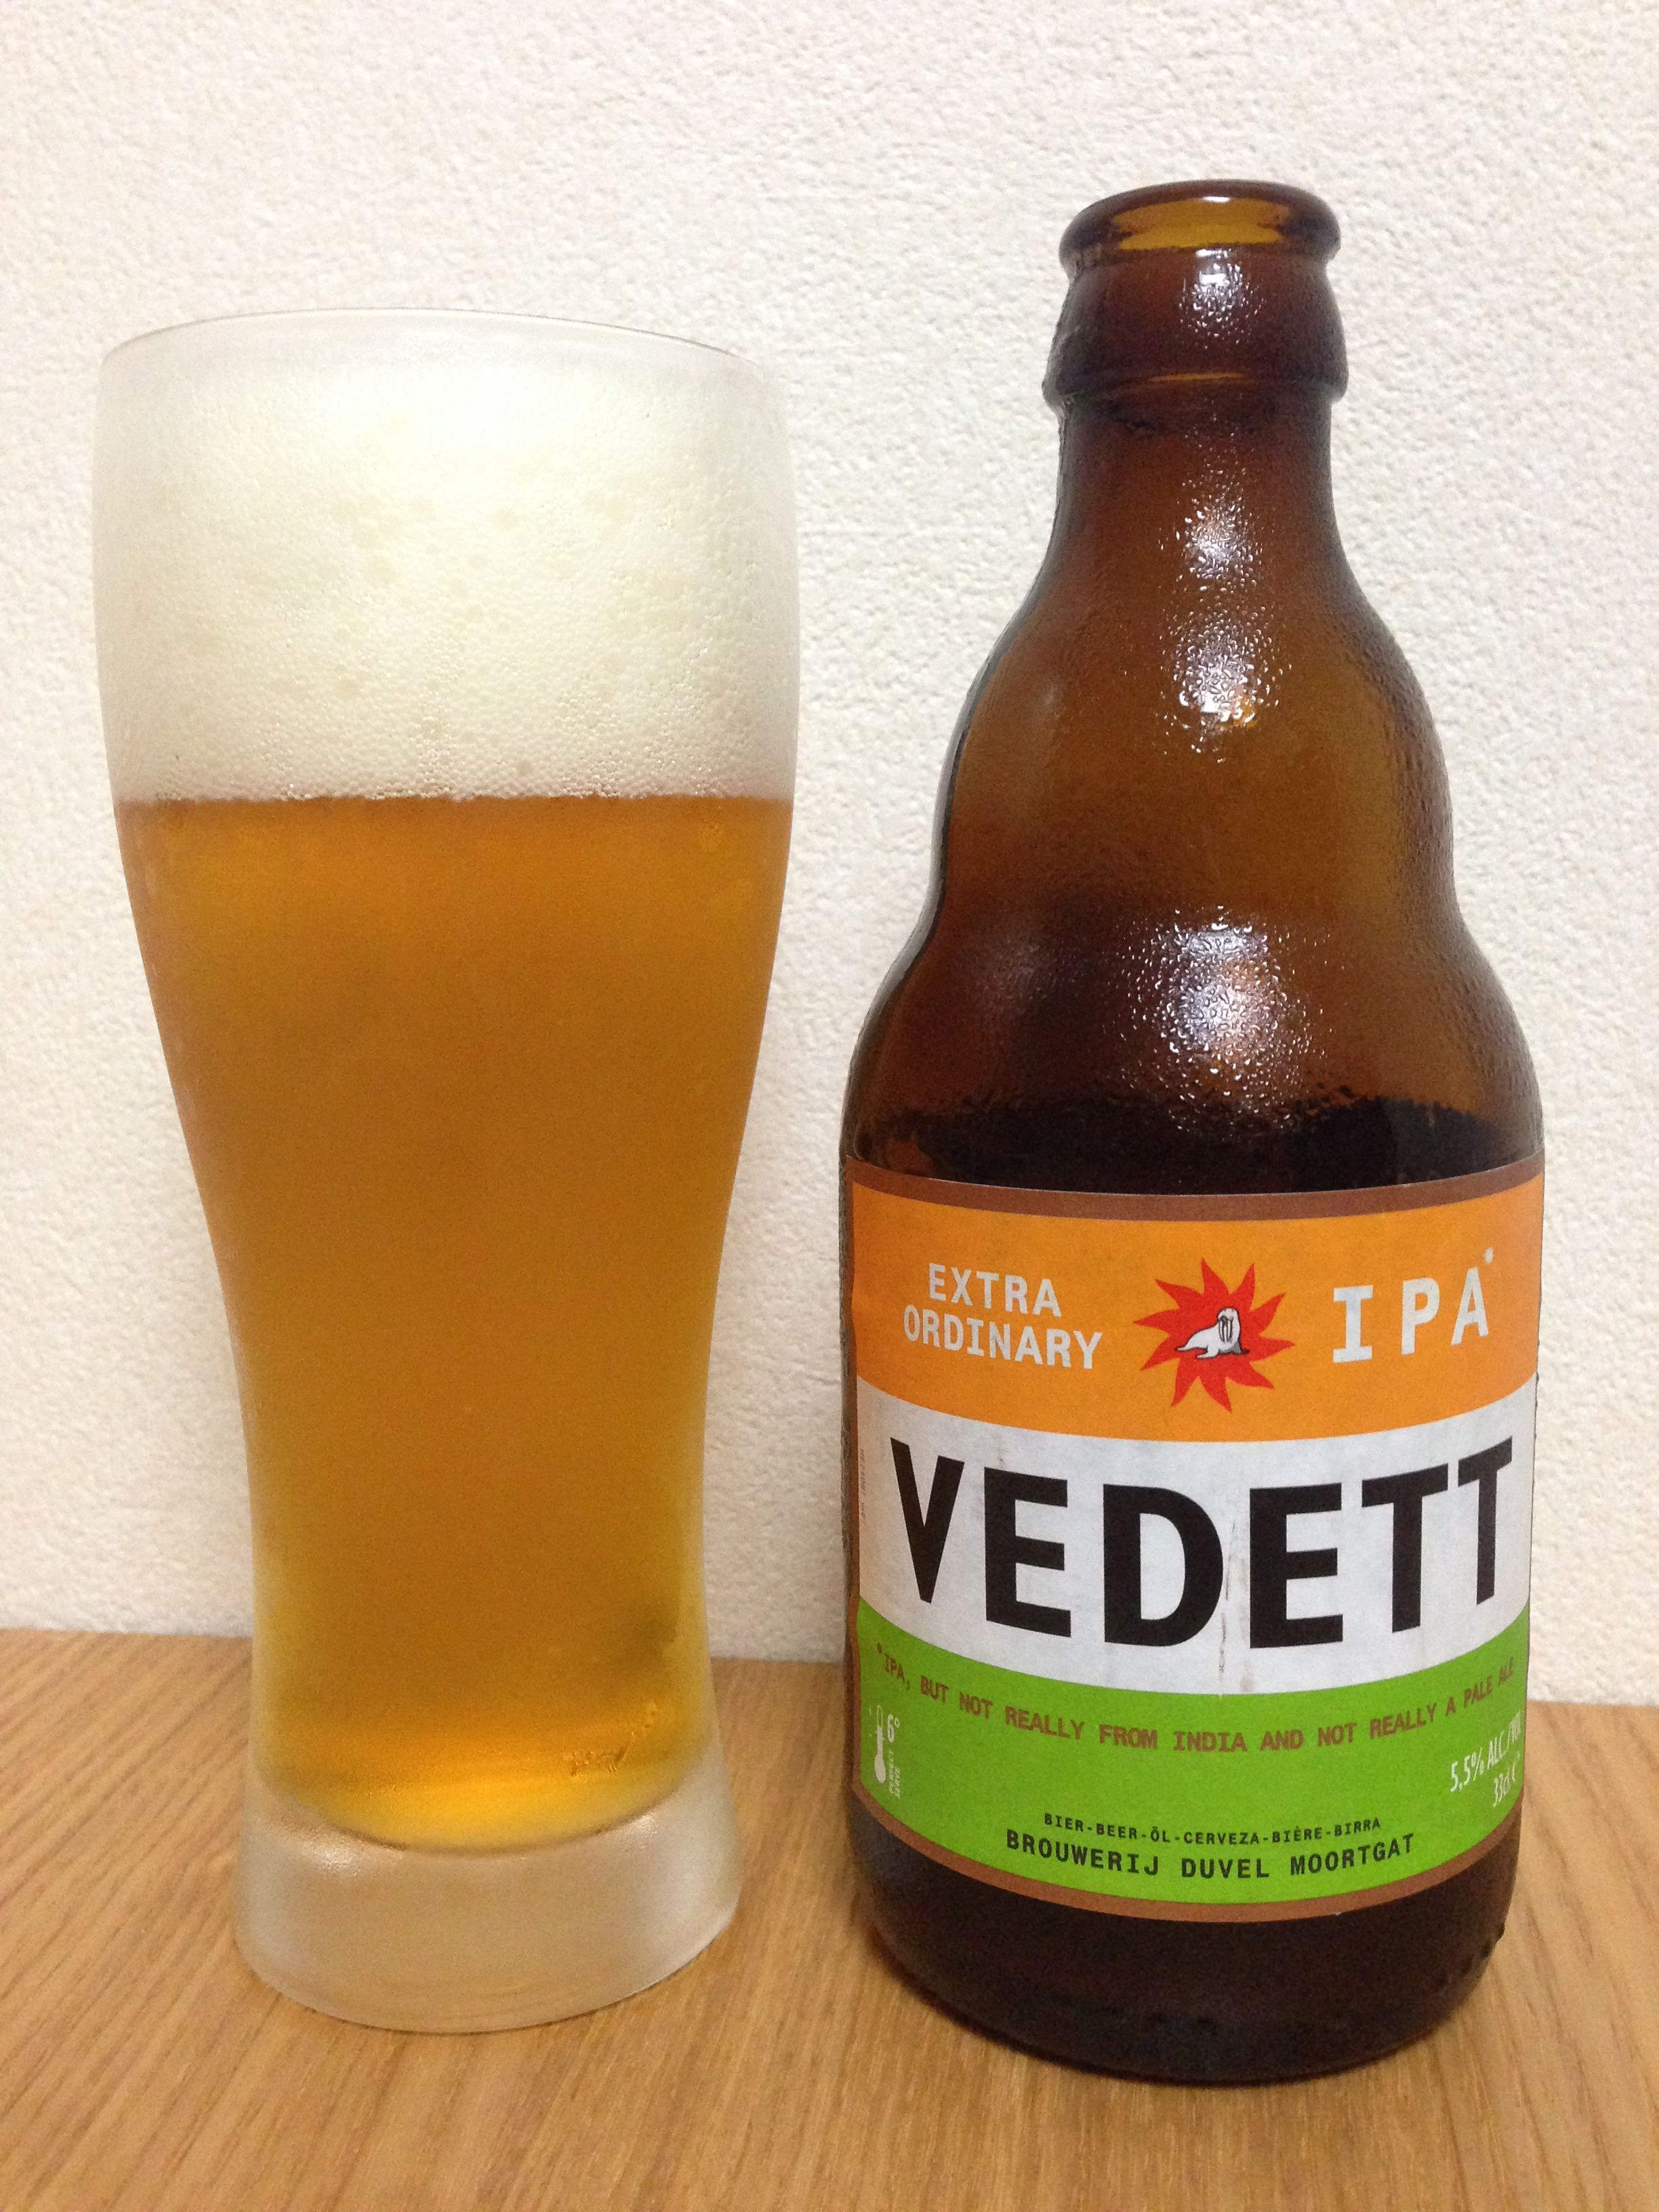 VEDETT EXTRA IPA(ヴェデット エクストラ IPA)